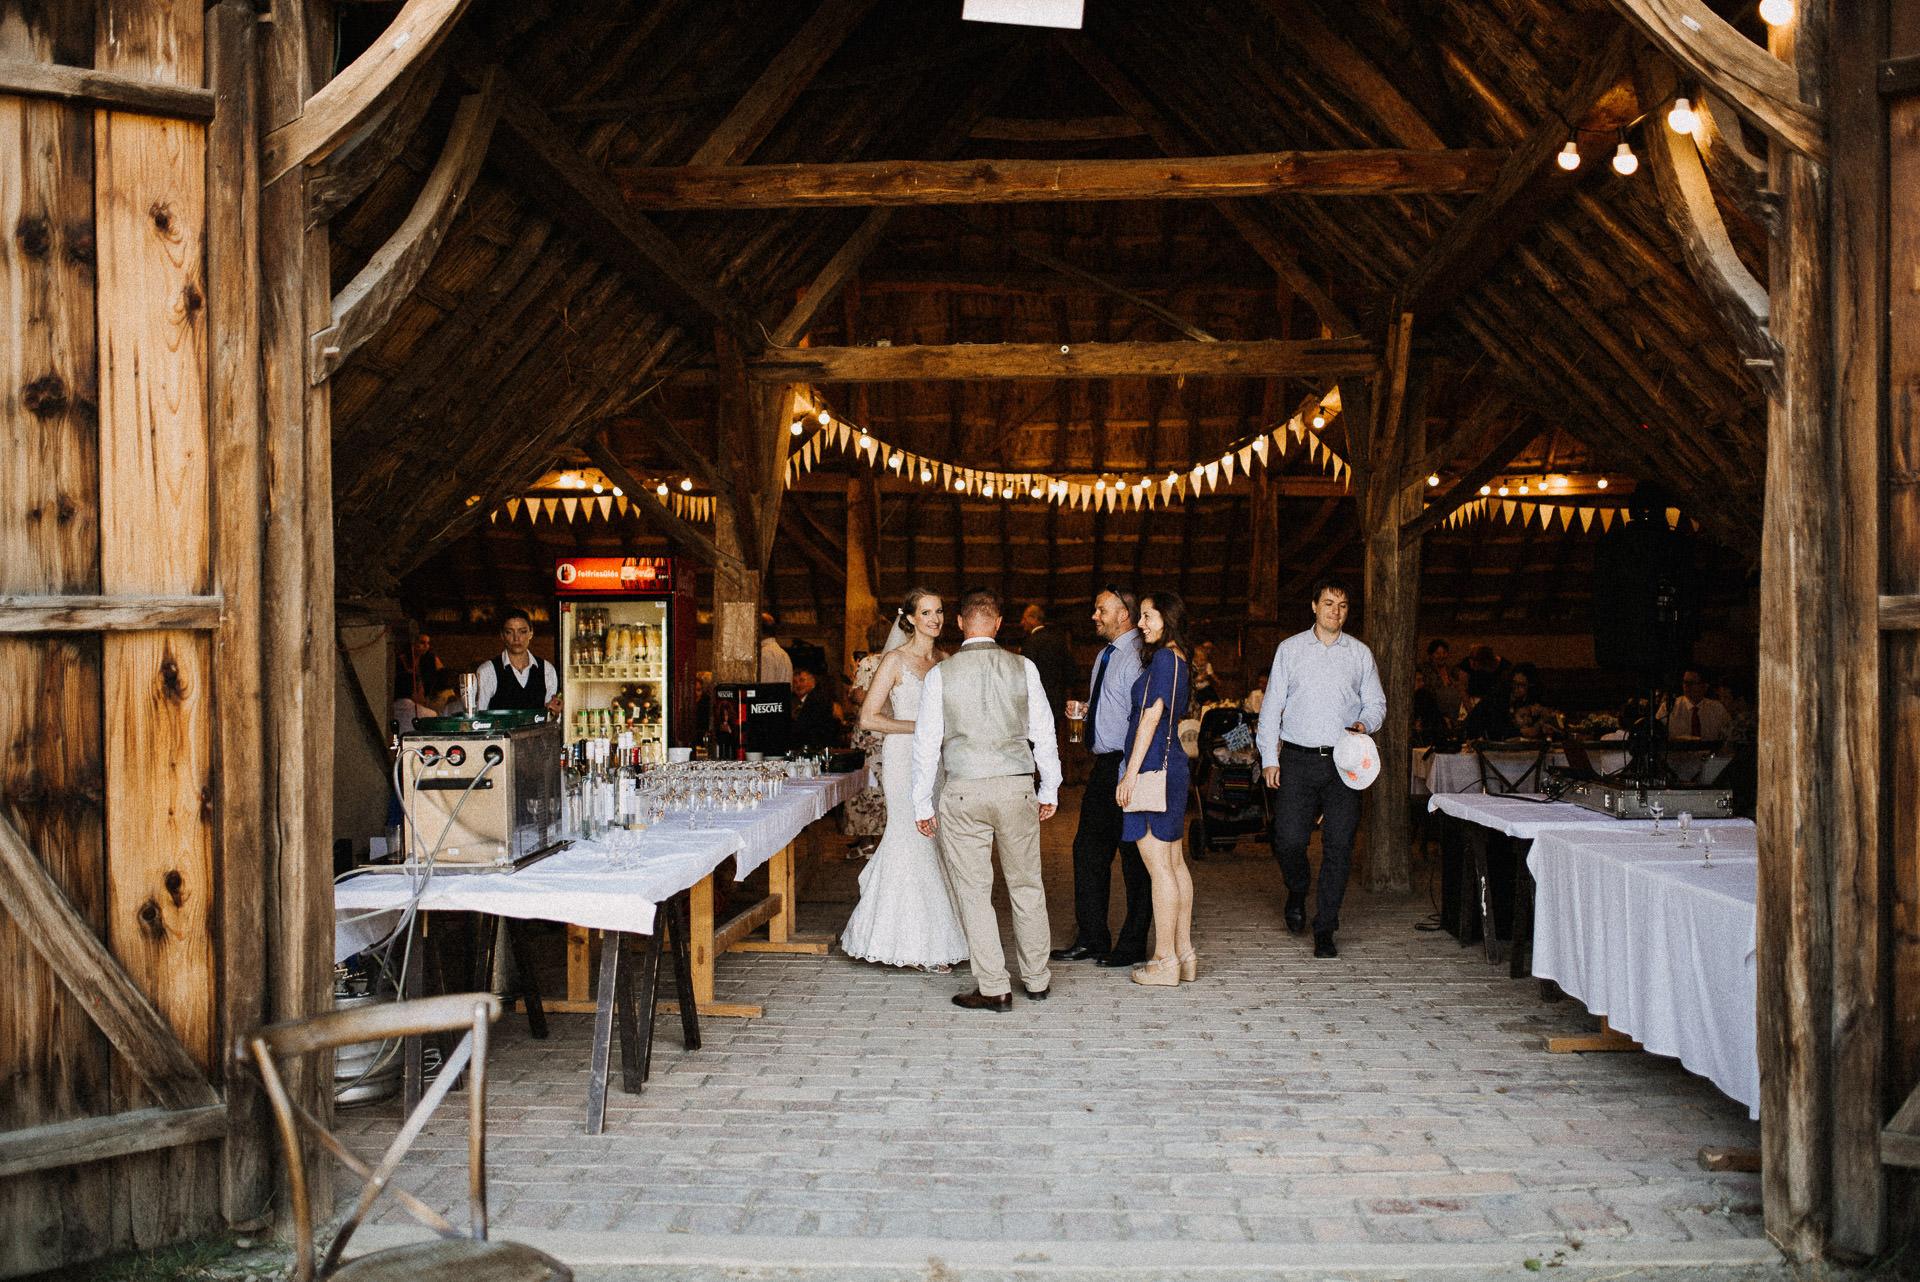 eskuvo pajta wedding barn